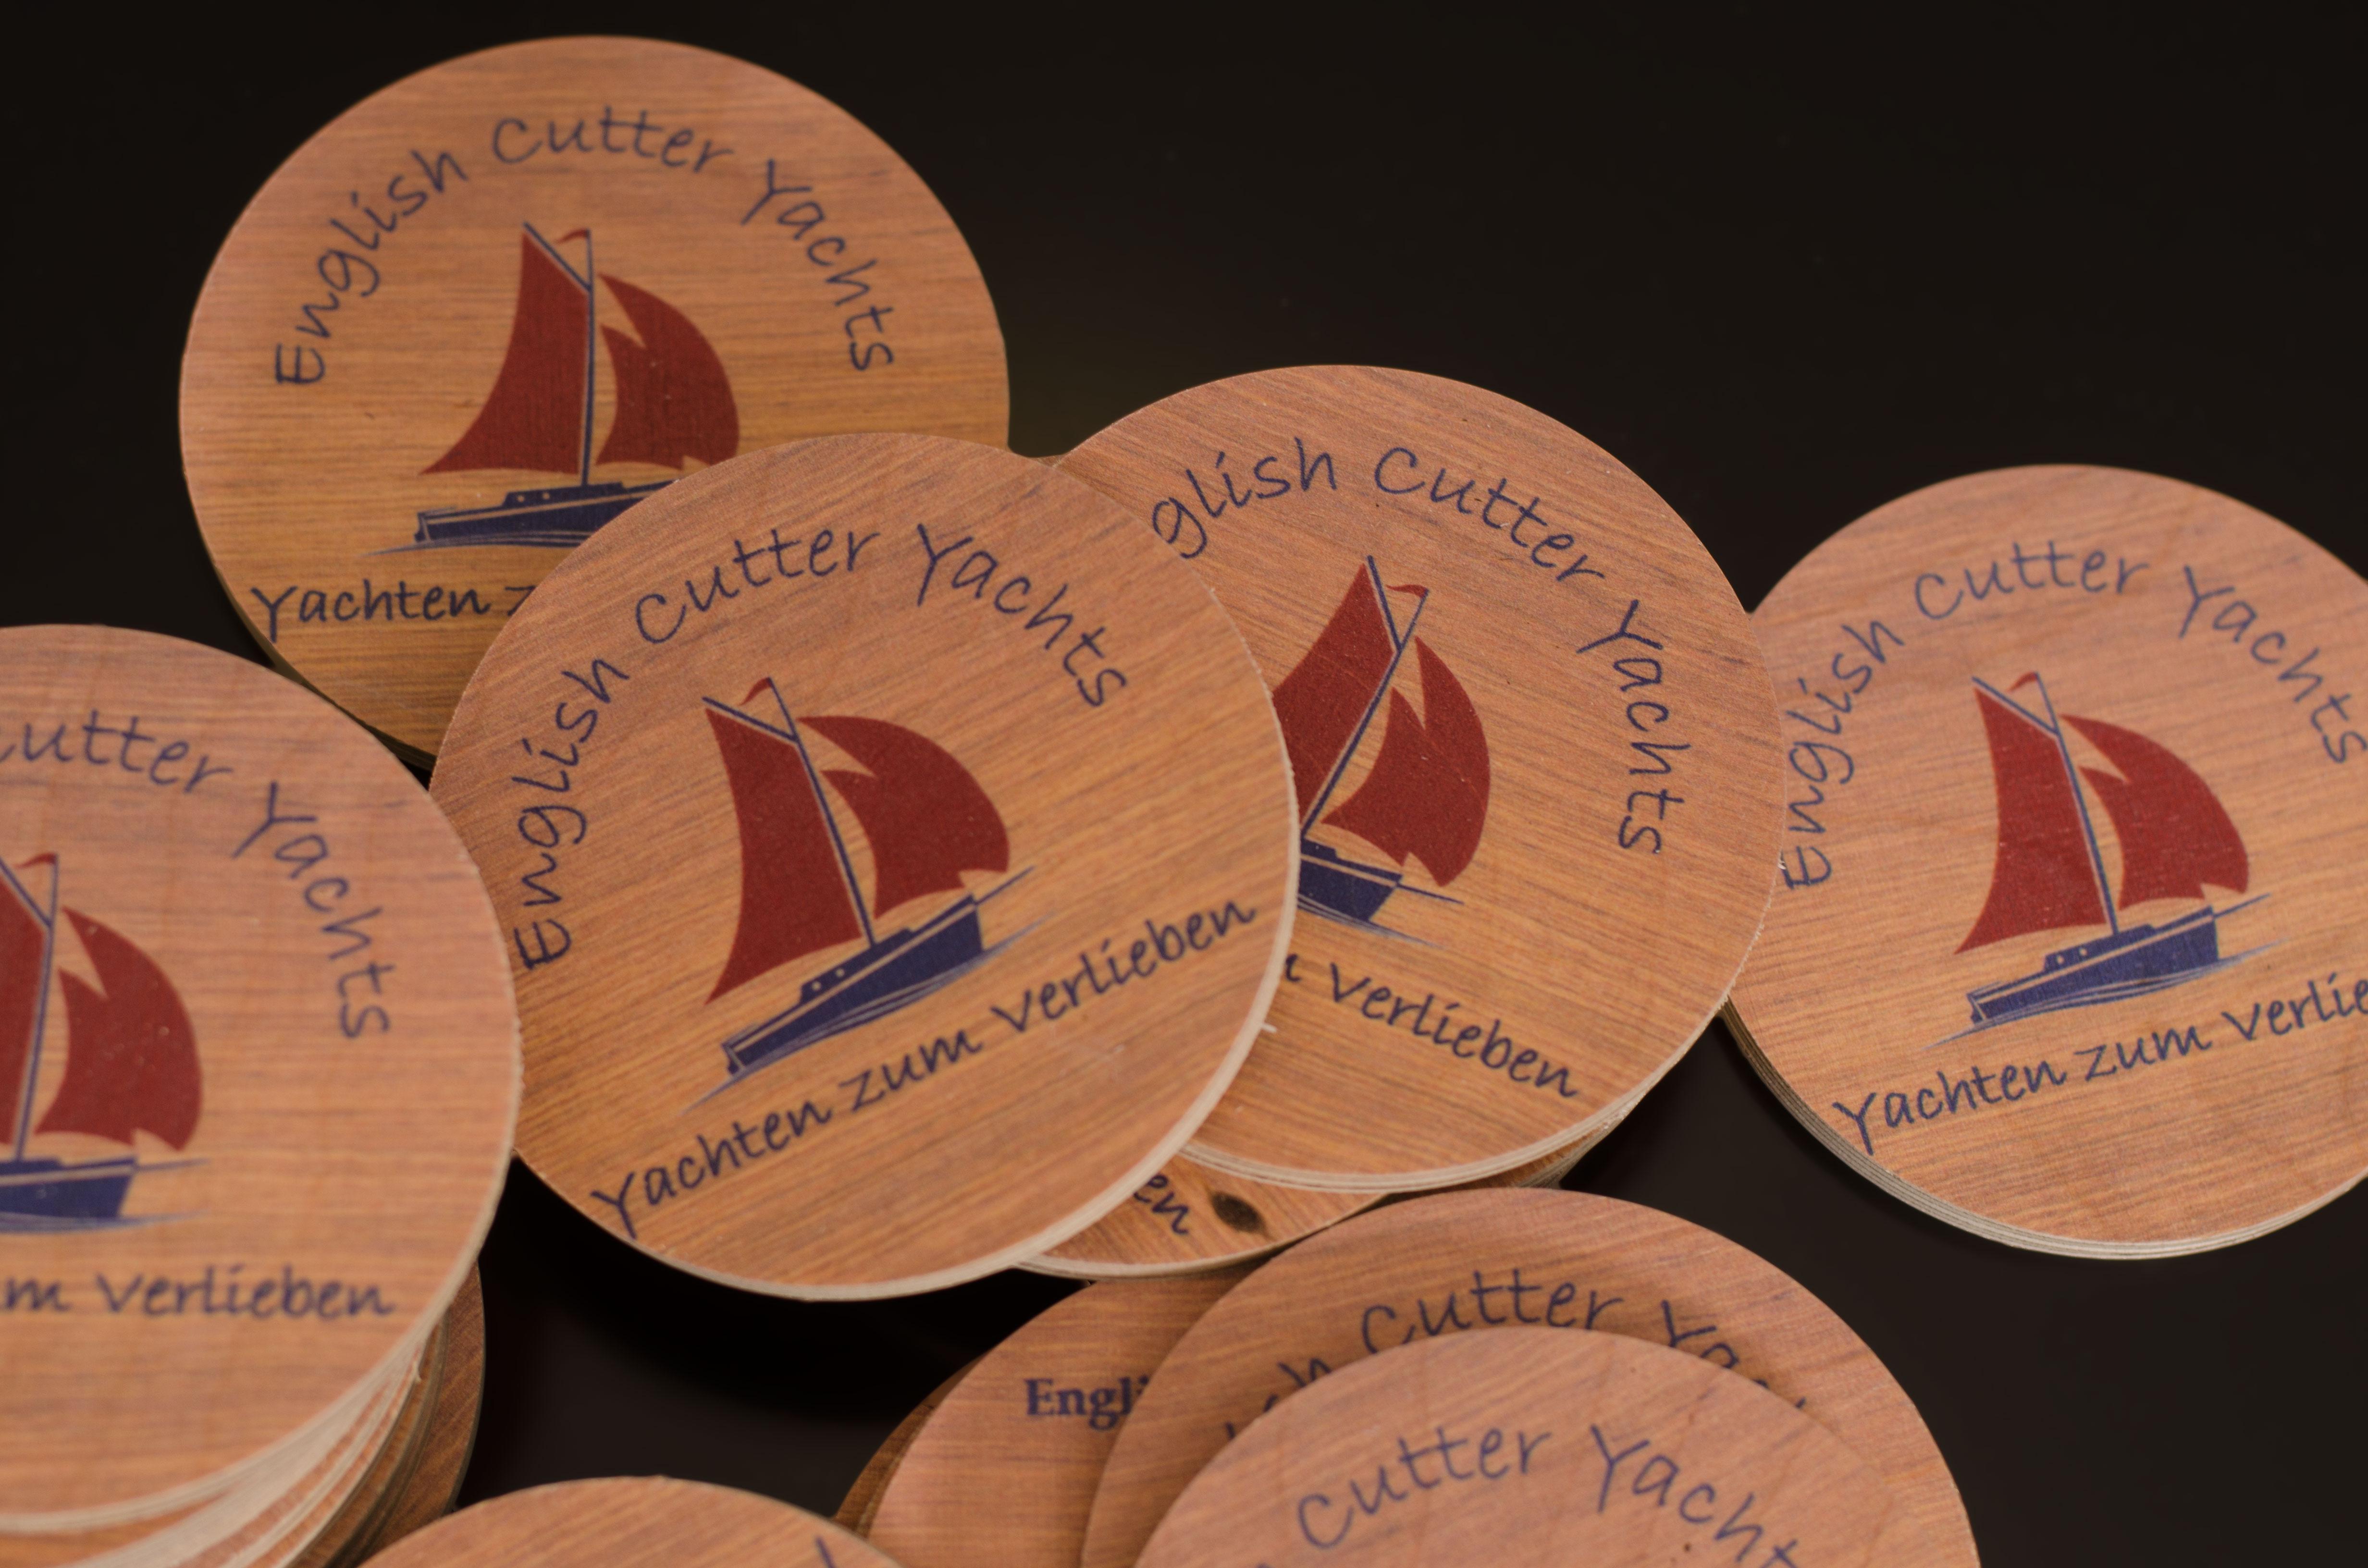 Visitenkarten Aus Holz In Runder Form Druck Auf Holz